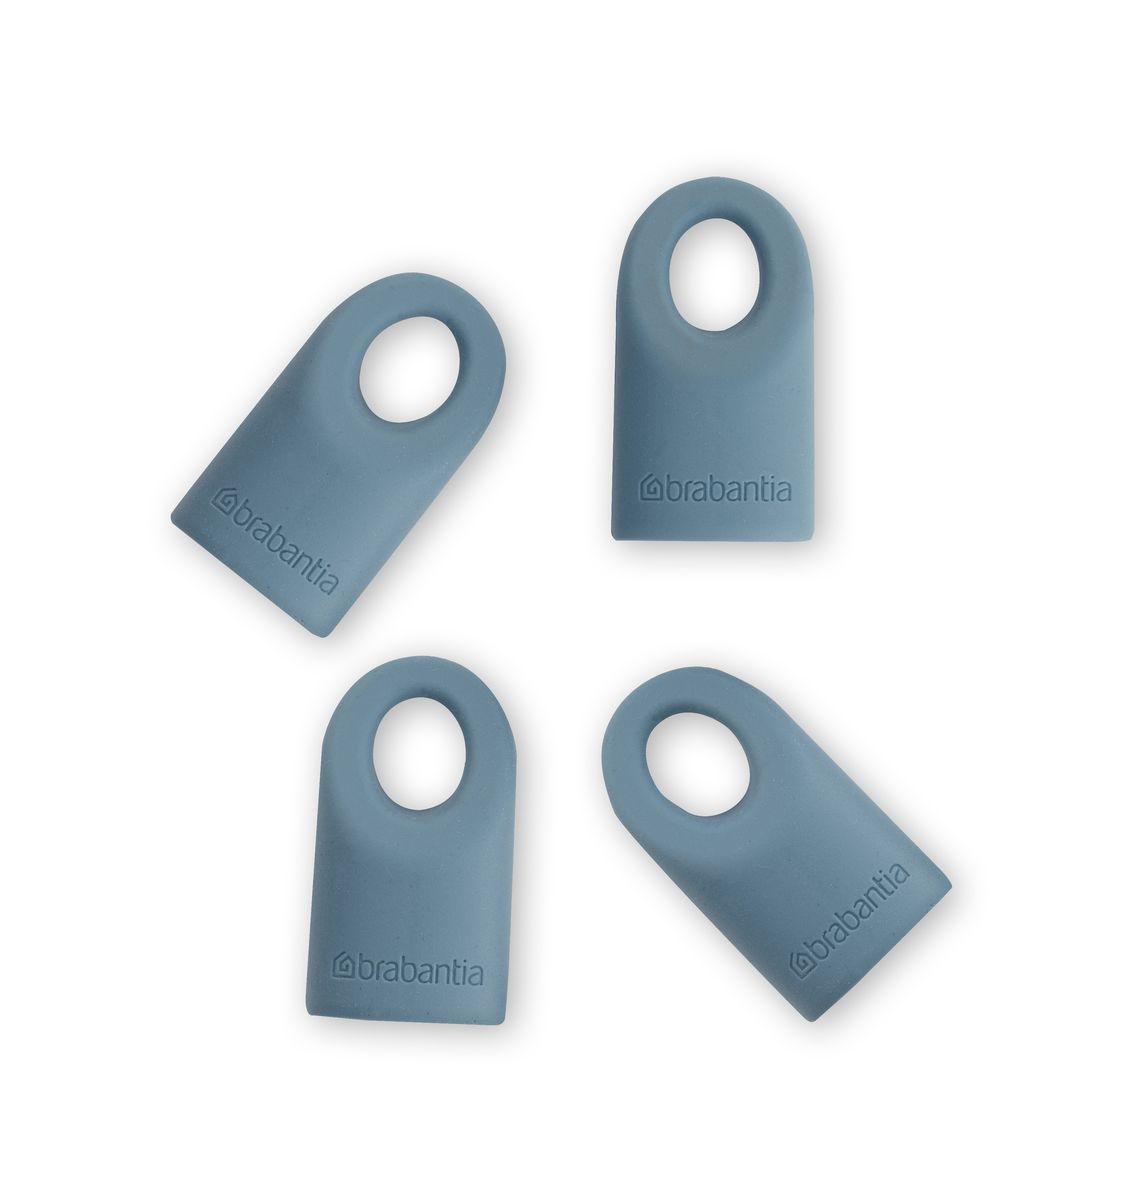 Силиконовые колпачки Brabantia Accent, цвет: голубой, 4 шт464027Съемные силиконовые колпачки для кухонных принадлежностей серии Accent. Новый цветовой акцент – просто смените колпачок. Удобная очистка – можно мыть в посудомоечной машине.